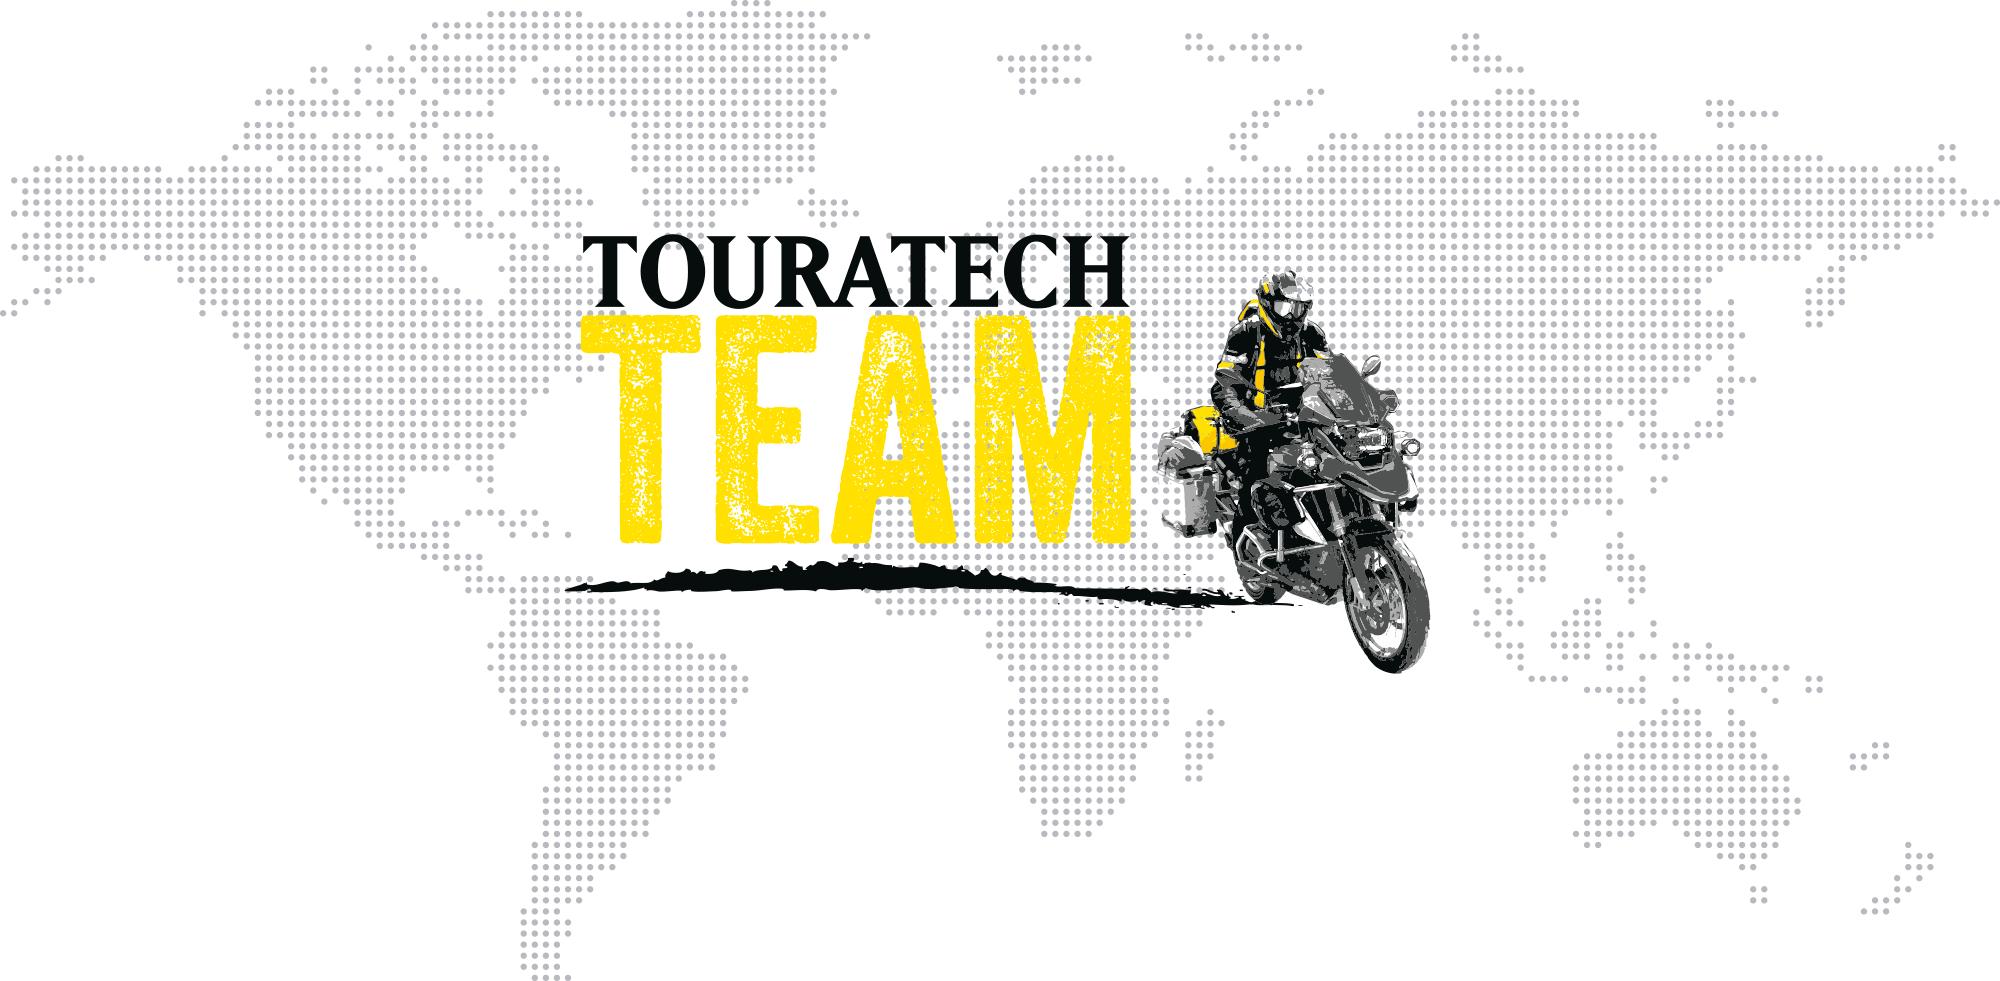 Touratech Team